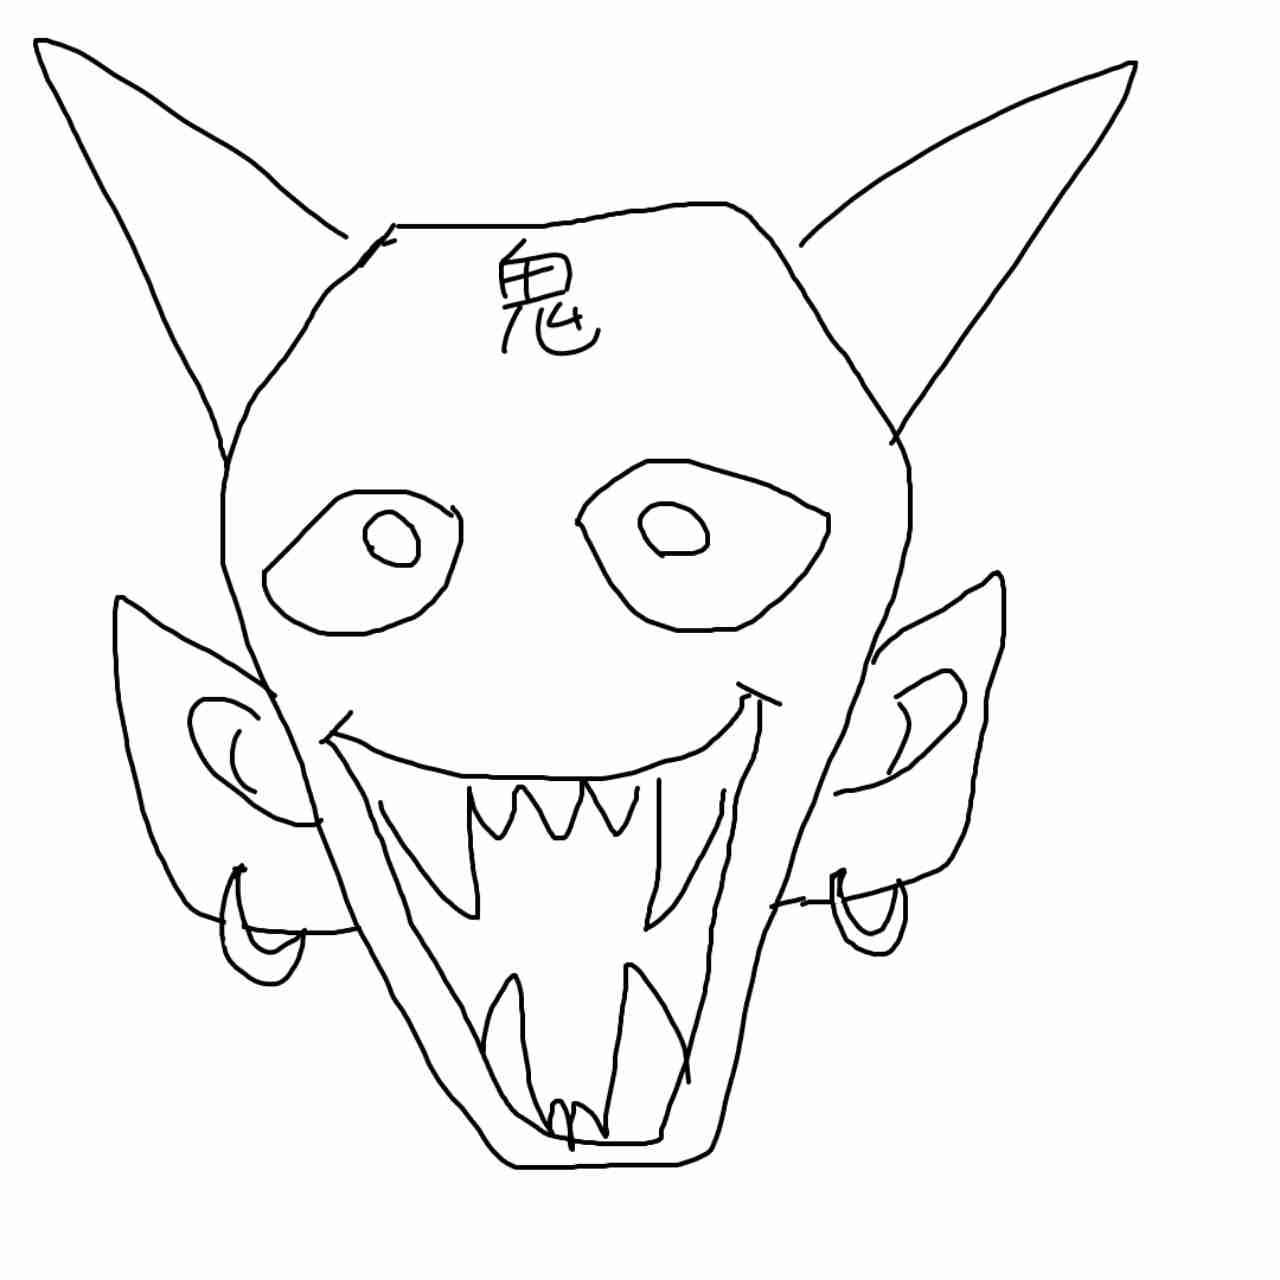 何も見ずに鬼の絵を描いてみるトピ